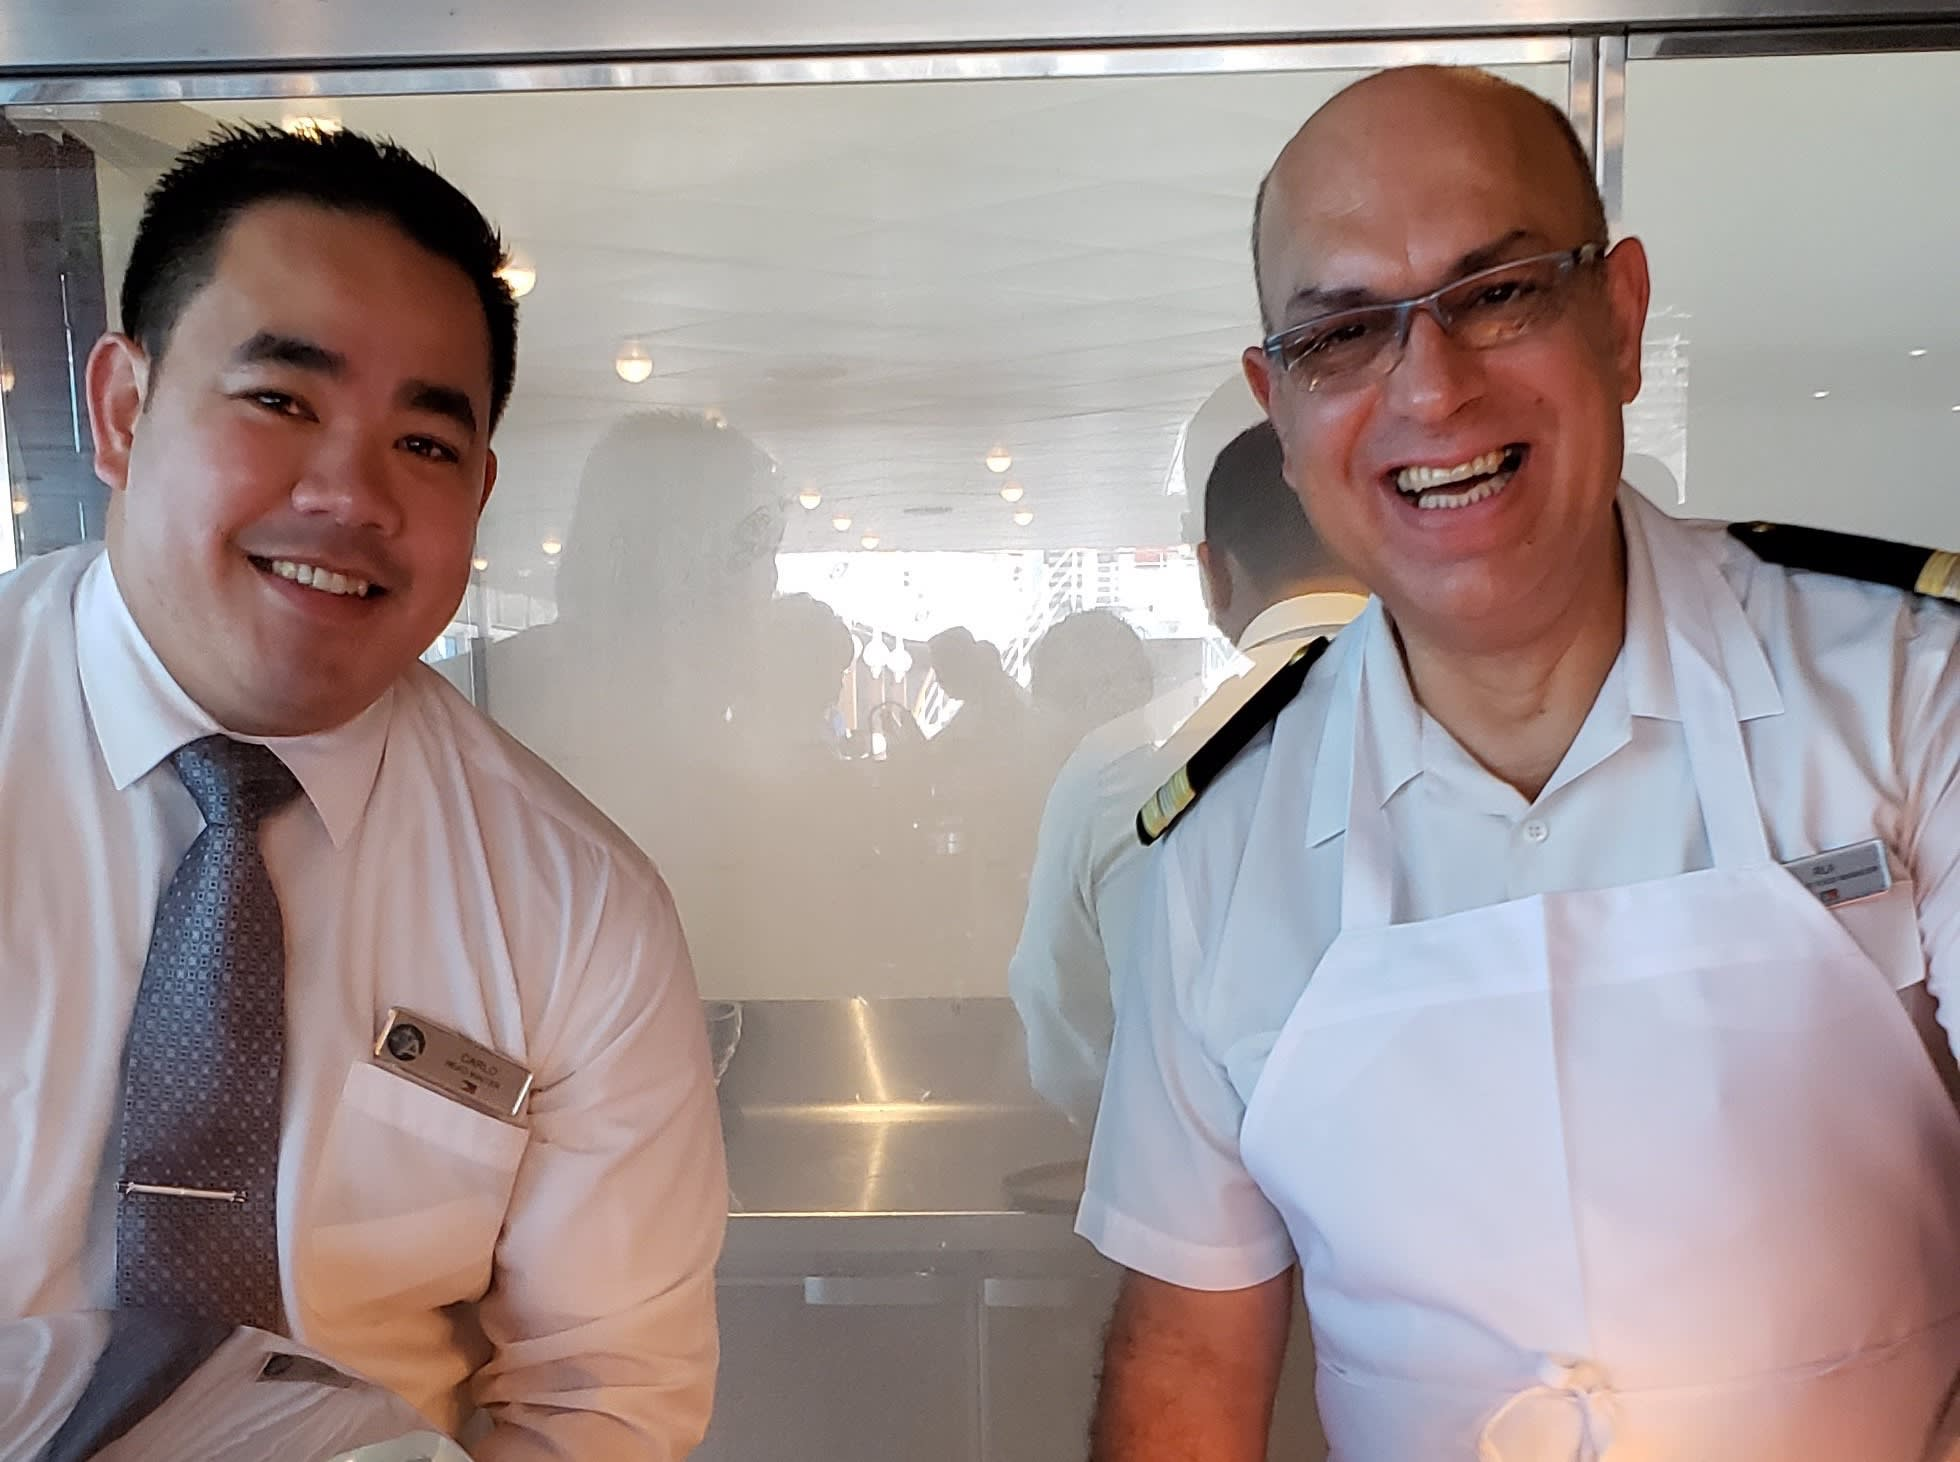 アザマラクエスト日本周遊乗船記4-グルメ船とは聞いていなかったのに